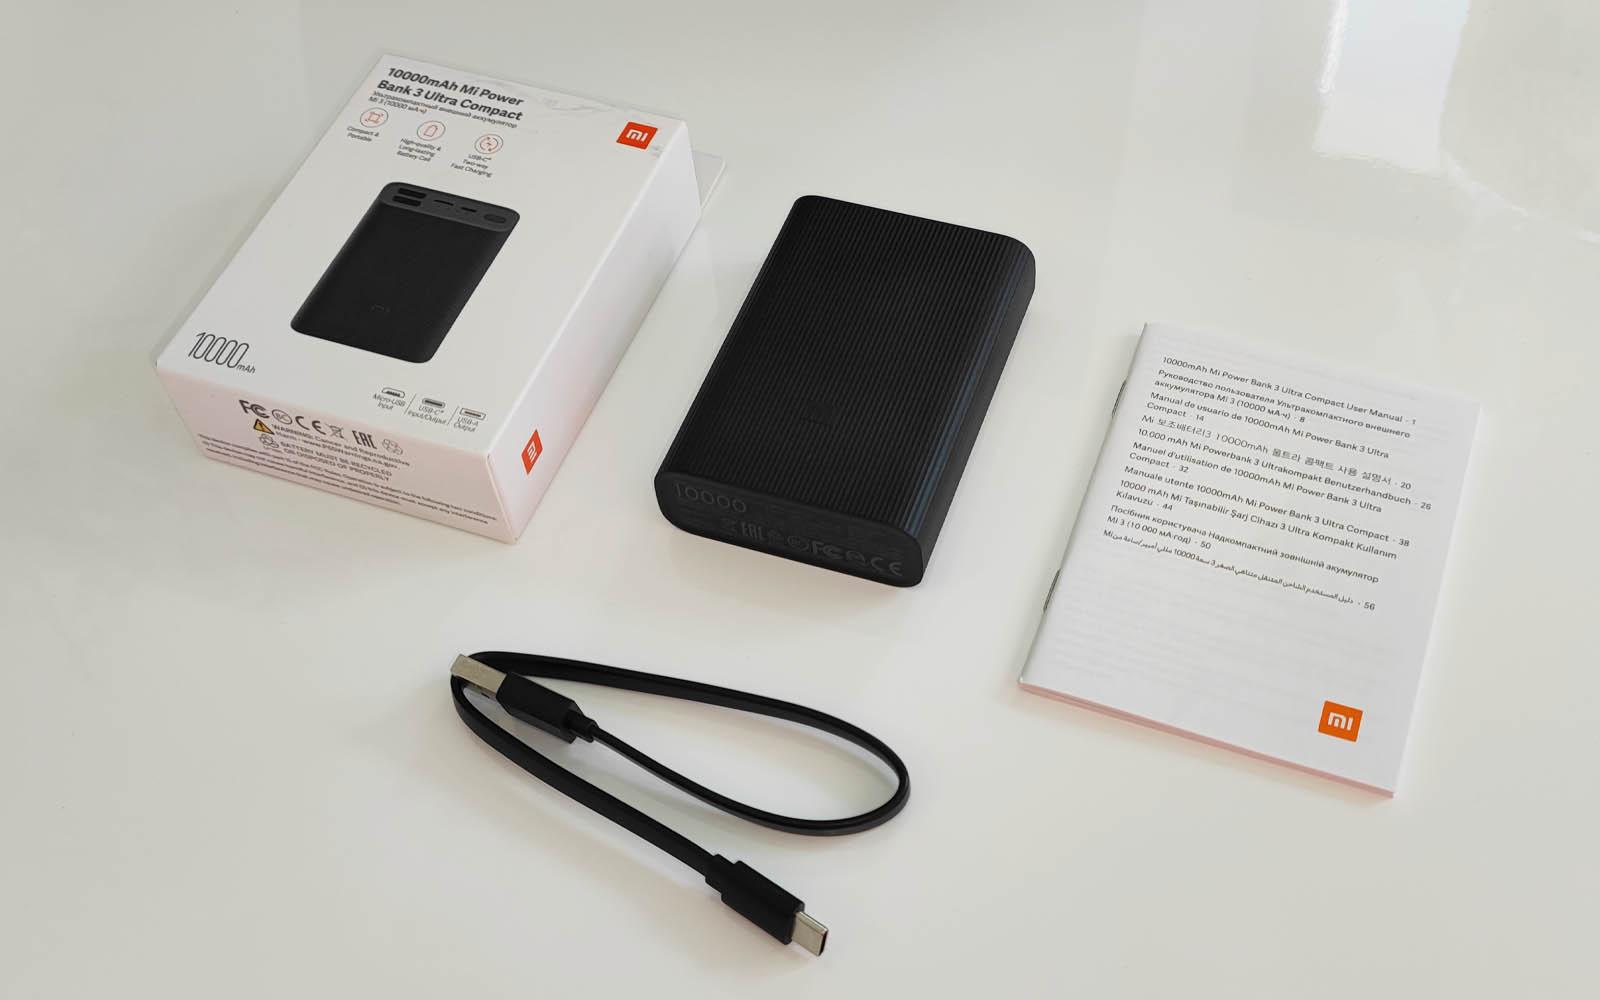 Probamos la Mi Power Bank 3 Ultra Compact, la batería más compacta y práctica de Xiaomi. Noticias Xiaomi Adictos